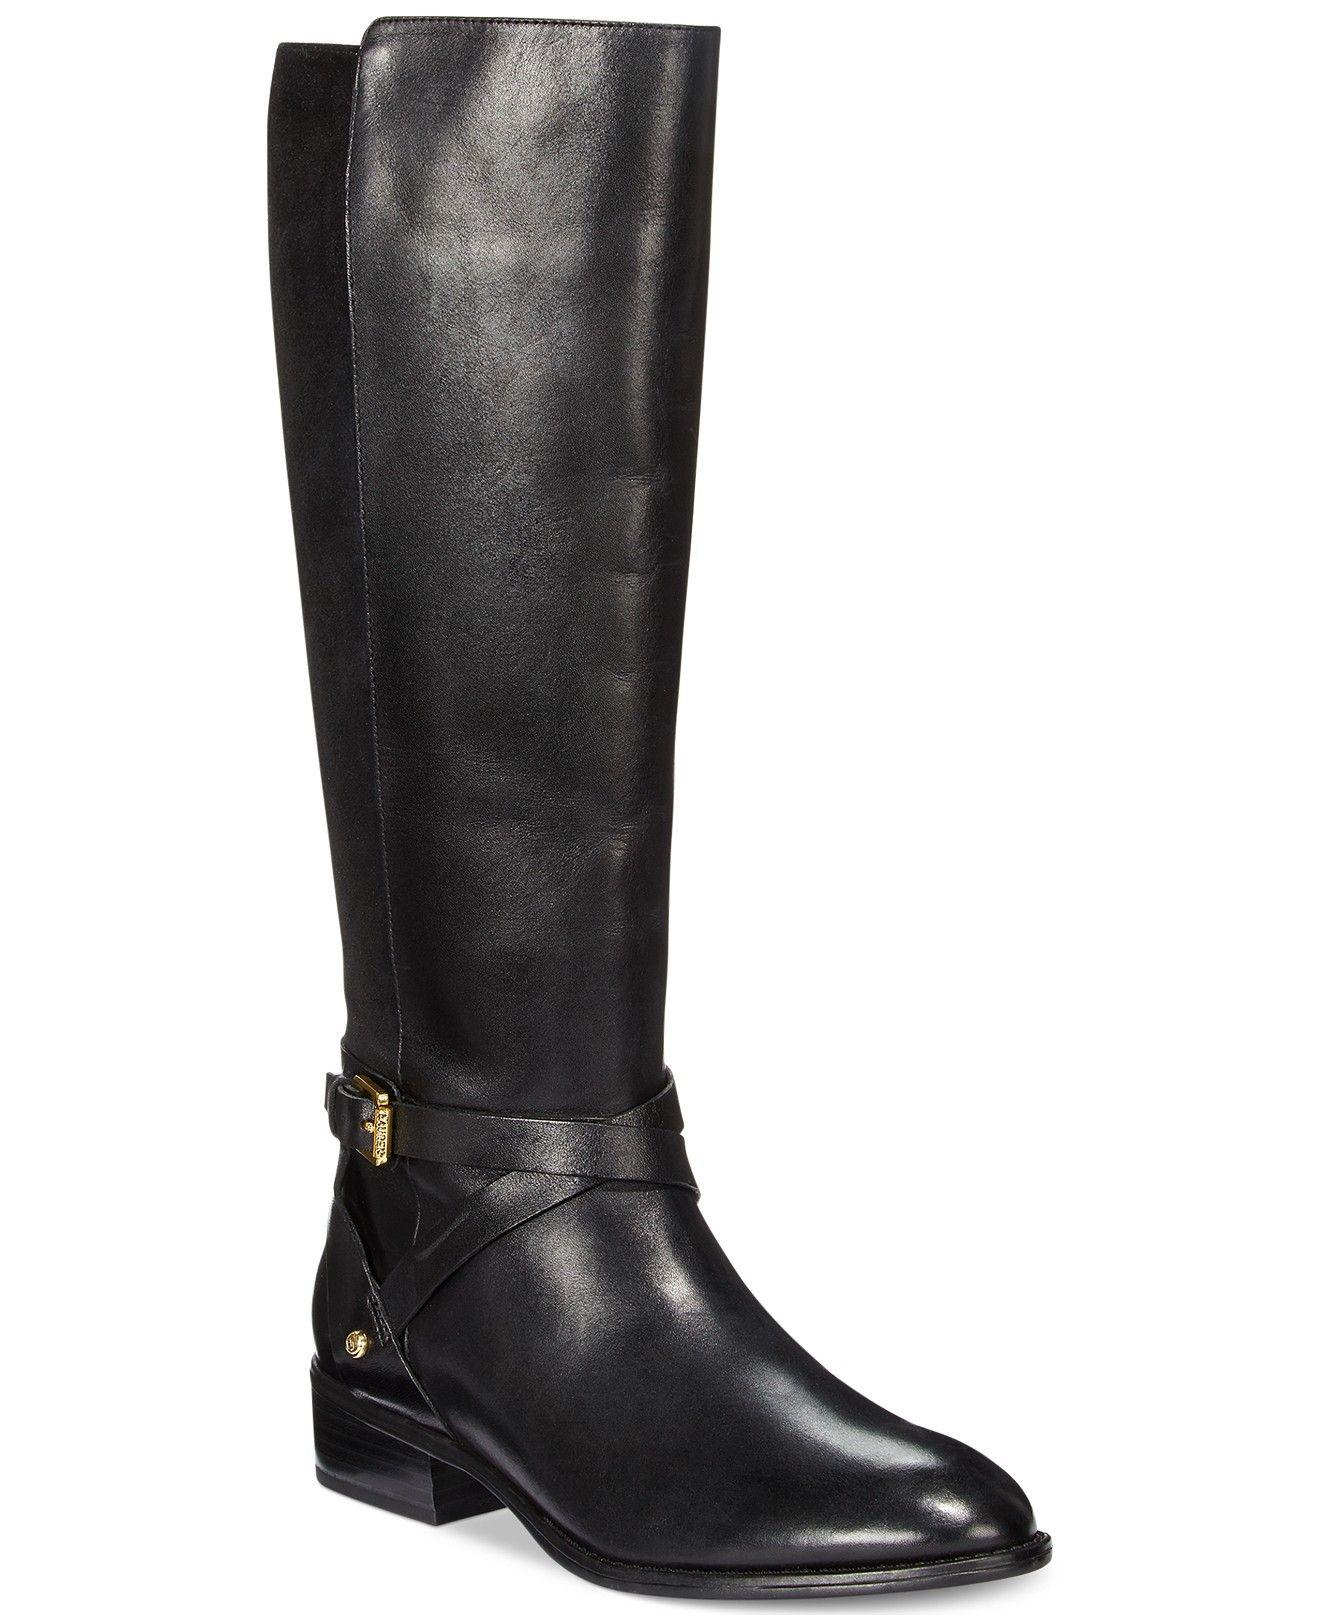 e8f0696d4e9 Lauren Ralph Lauren Mariah Wide Calf Riding Boots  179.00